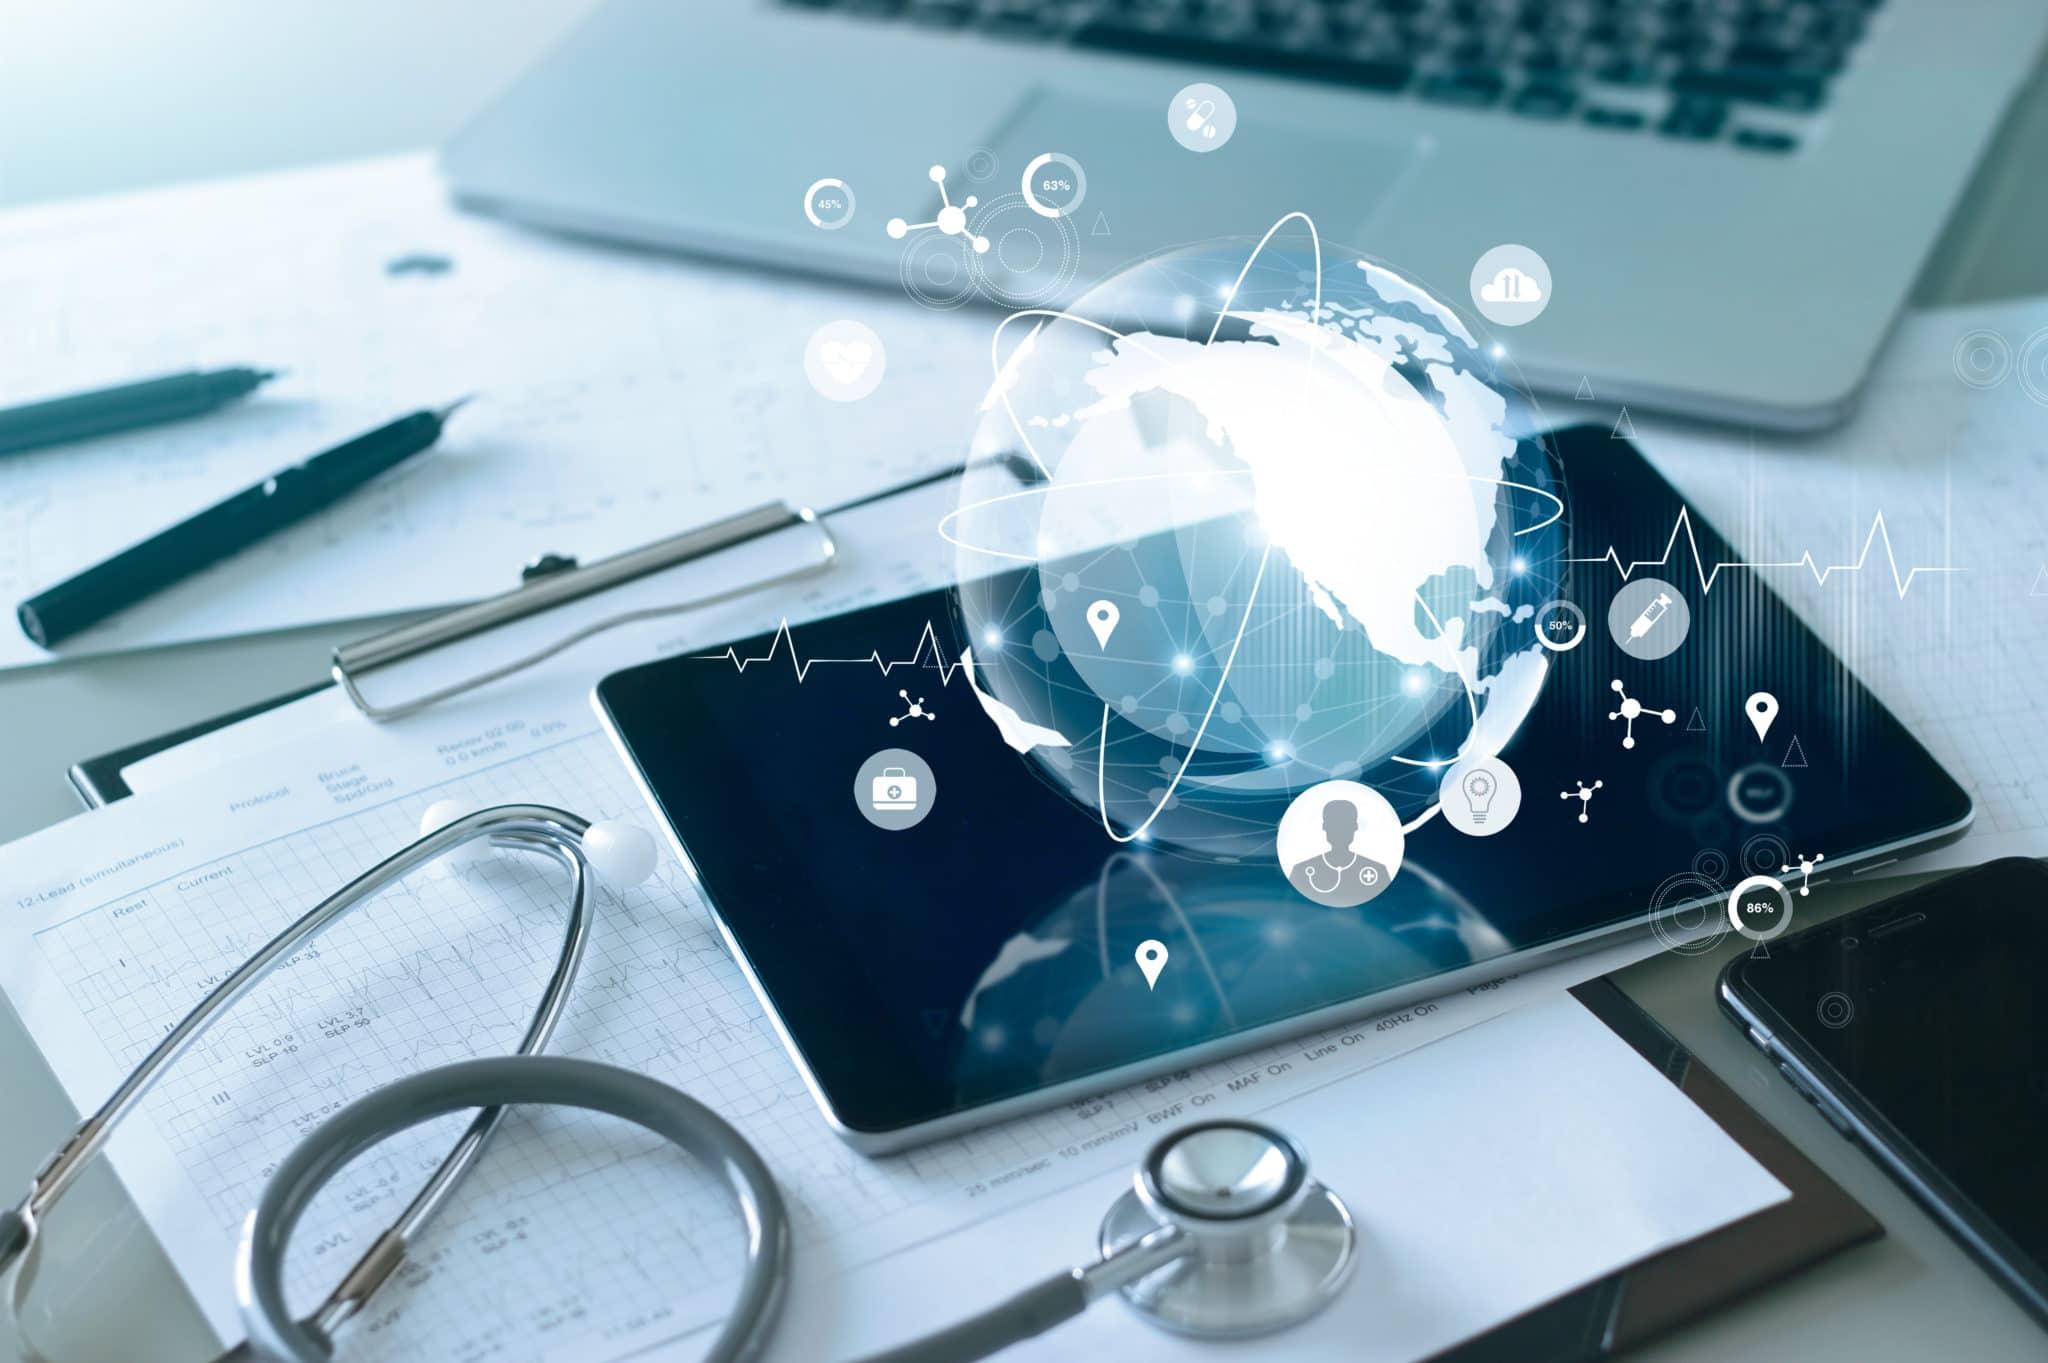 Le WMS en milieu hospitalier, un outil répondant à de multiples besoins